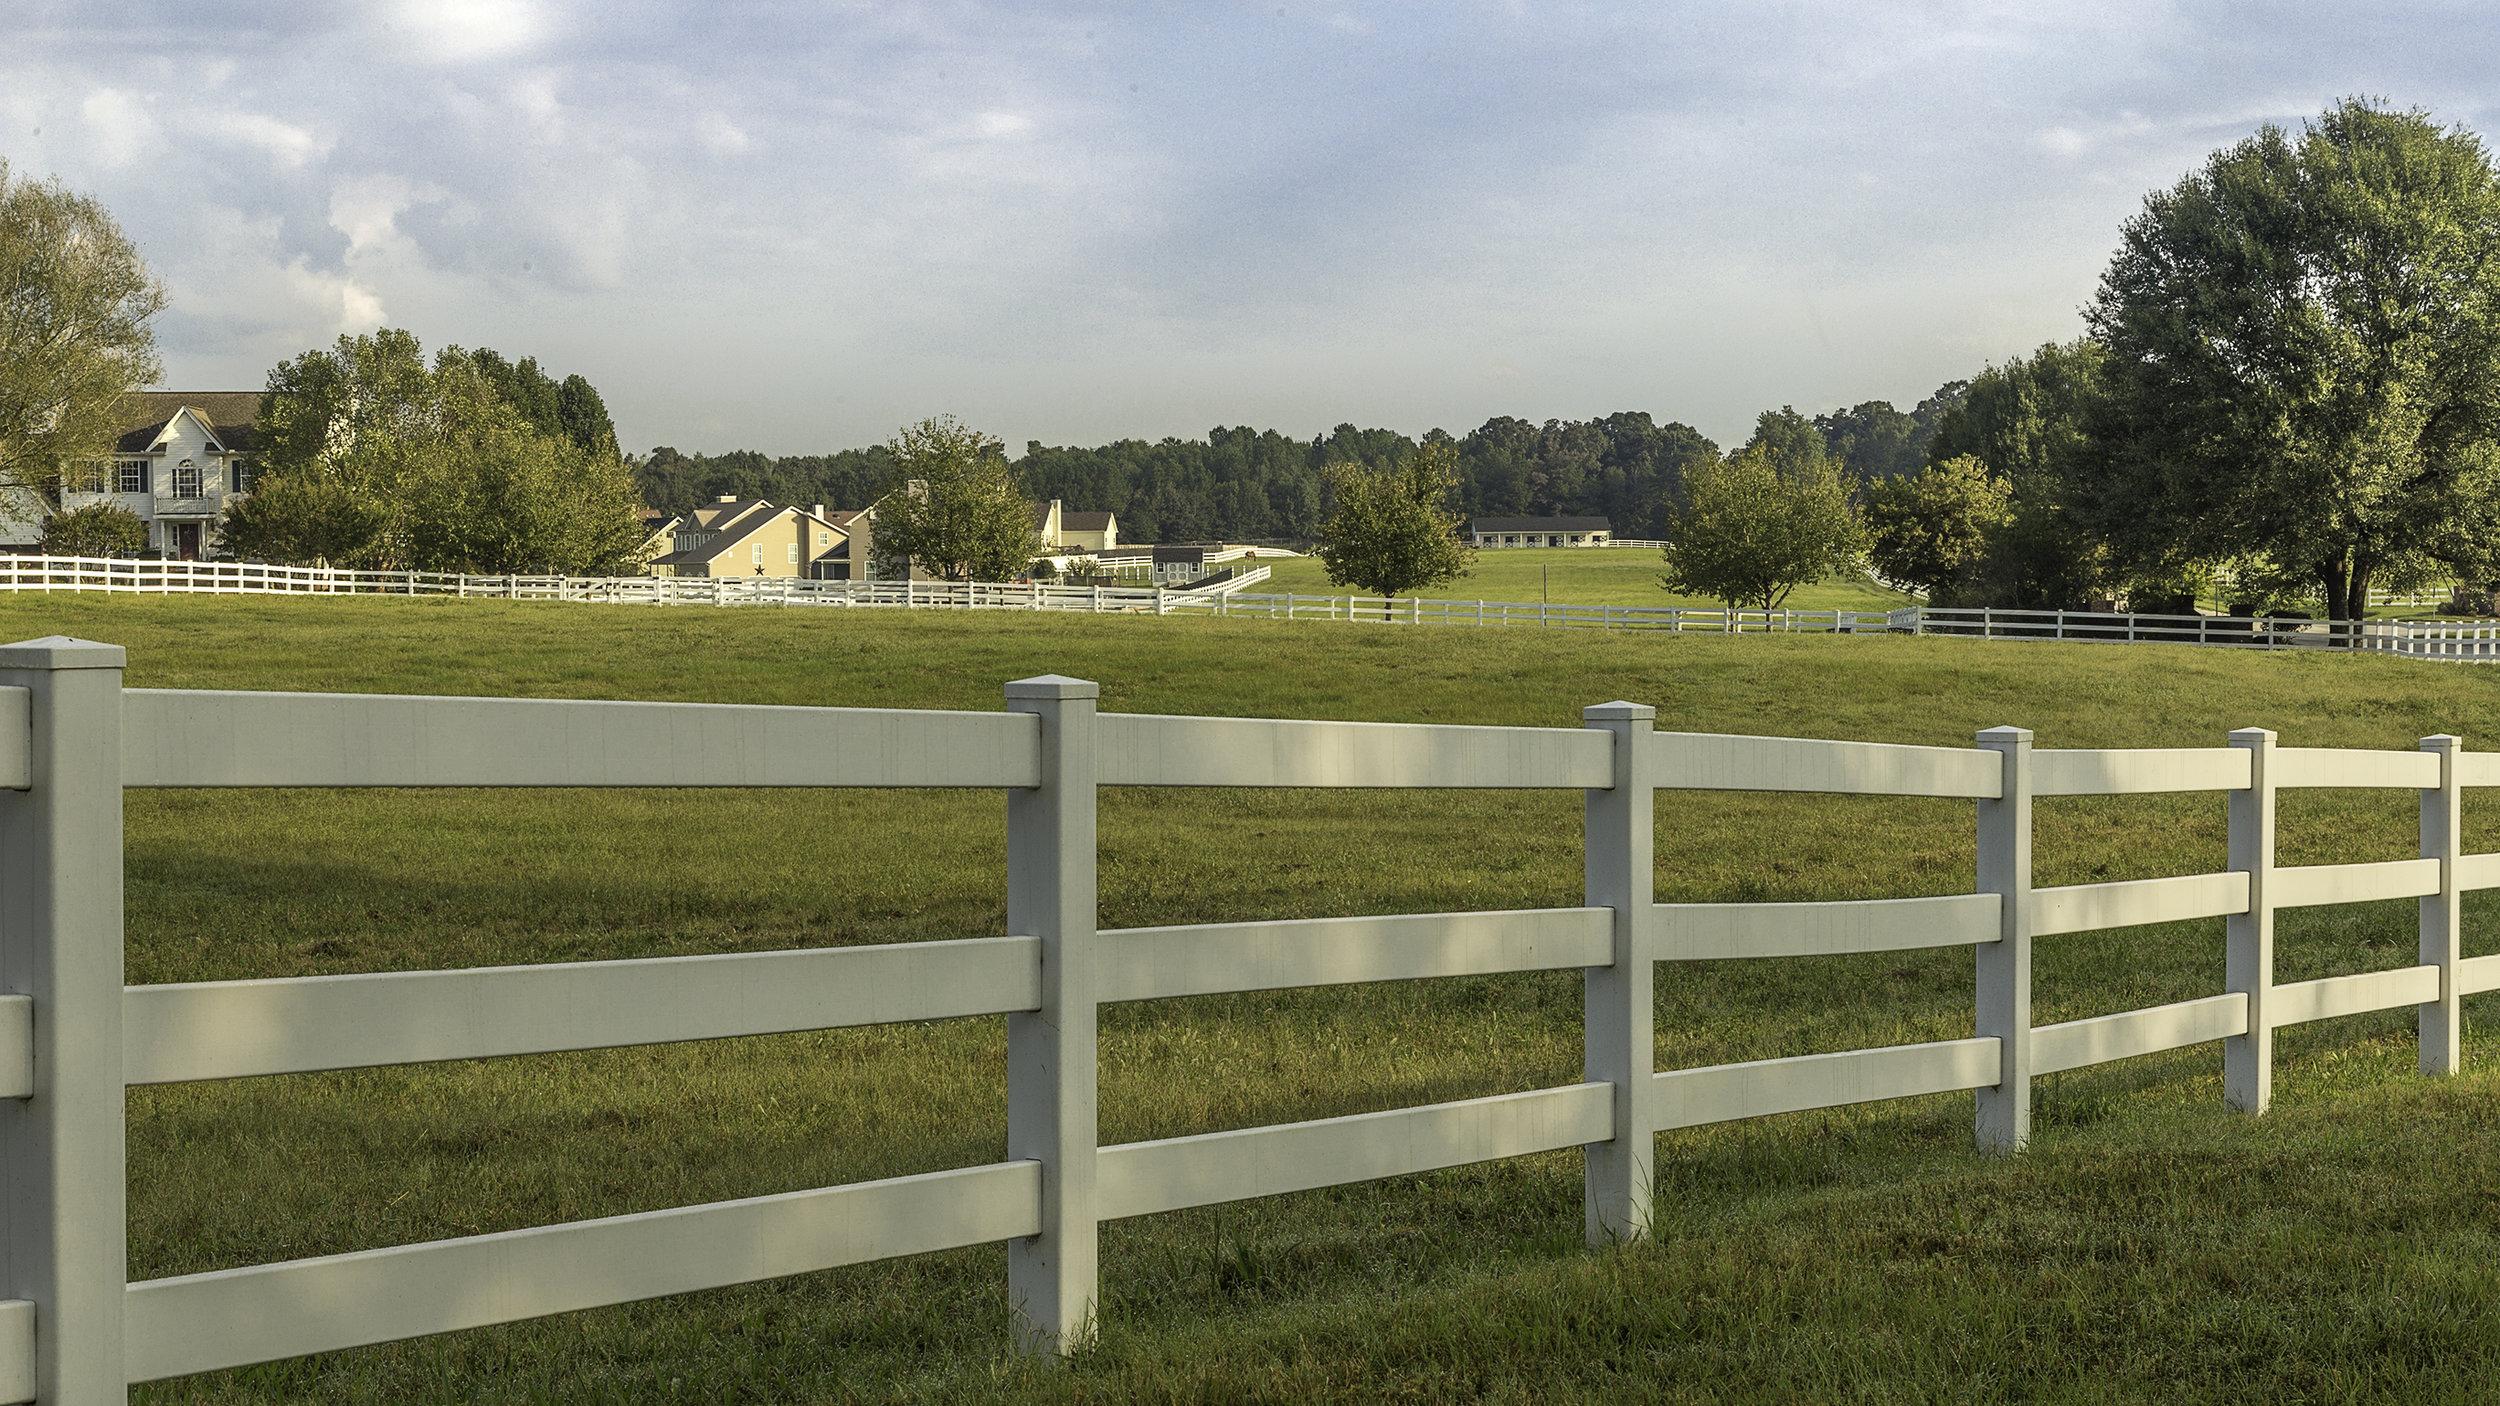 Pasture 5